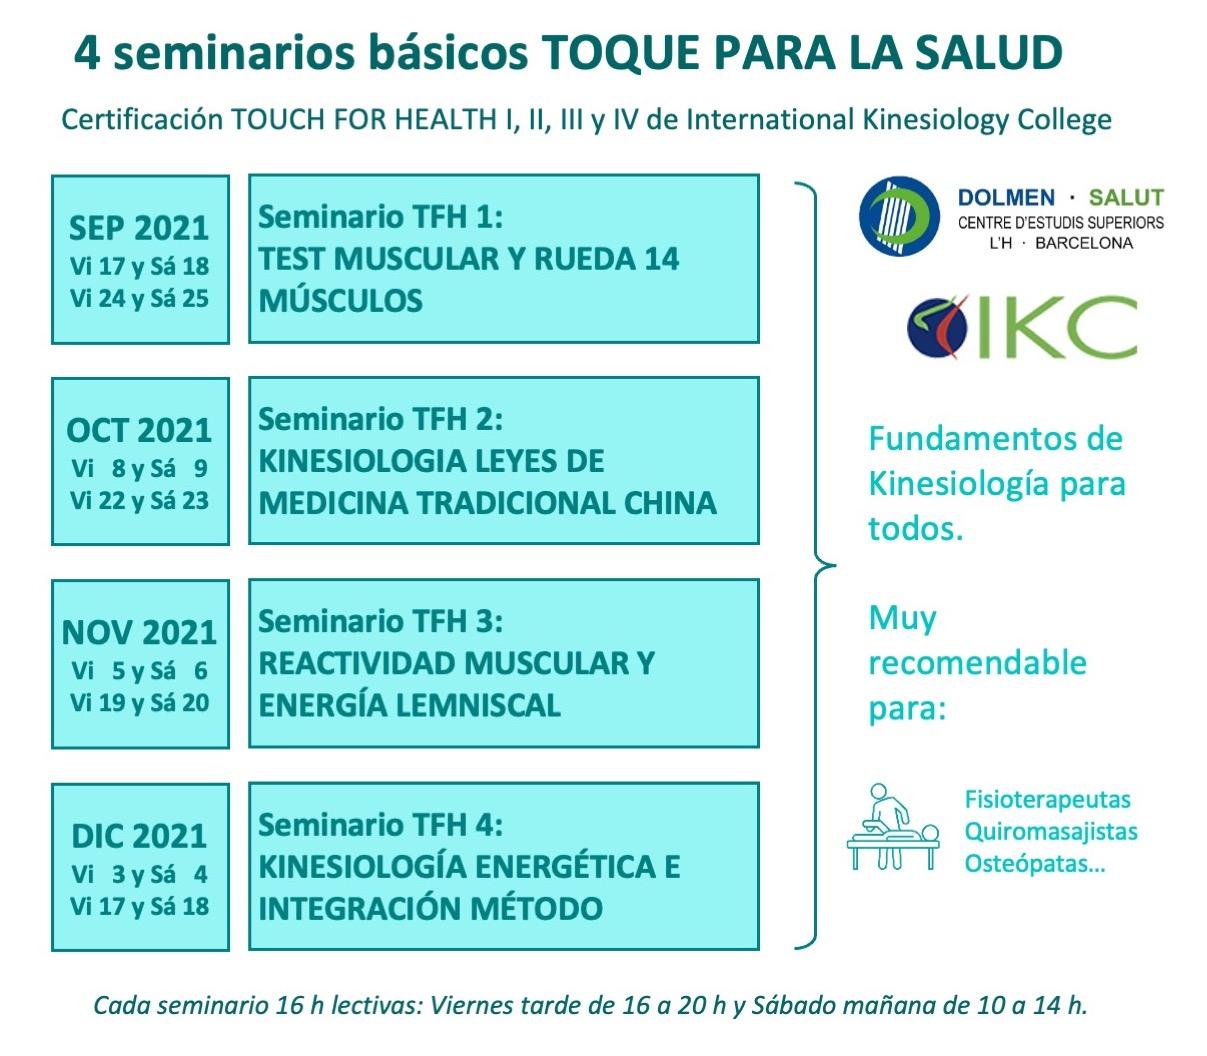 Calendario seminarios TOUCH FOR HEALTH TFH de Kinesiología en DOLMEN SALUT Barcelona